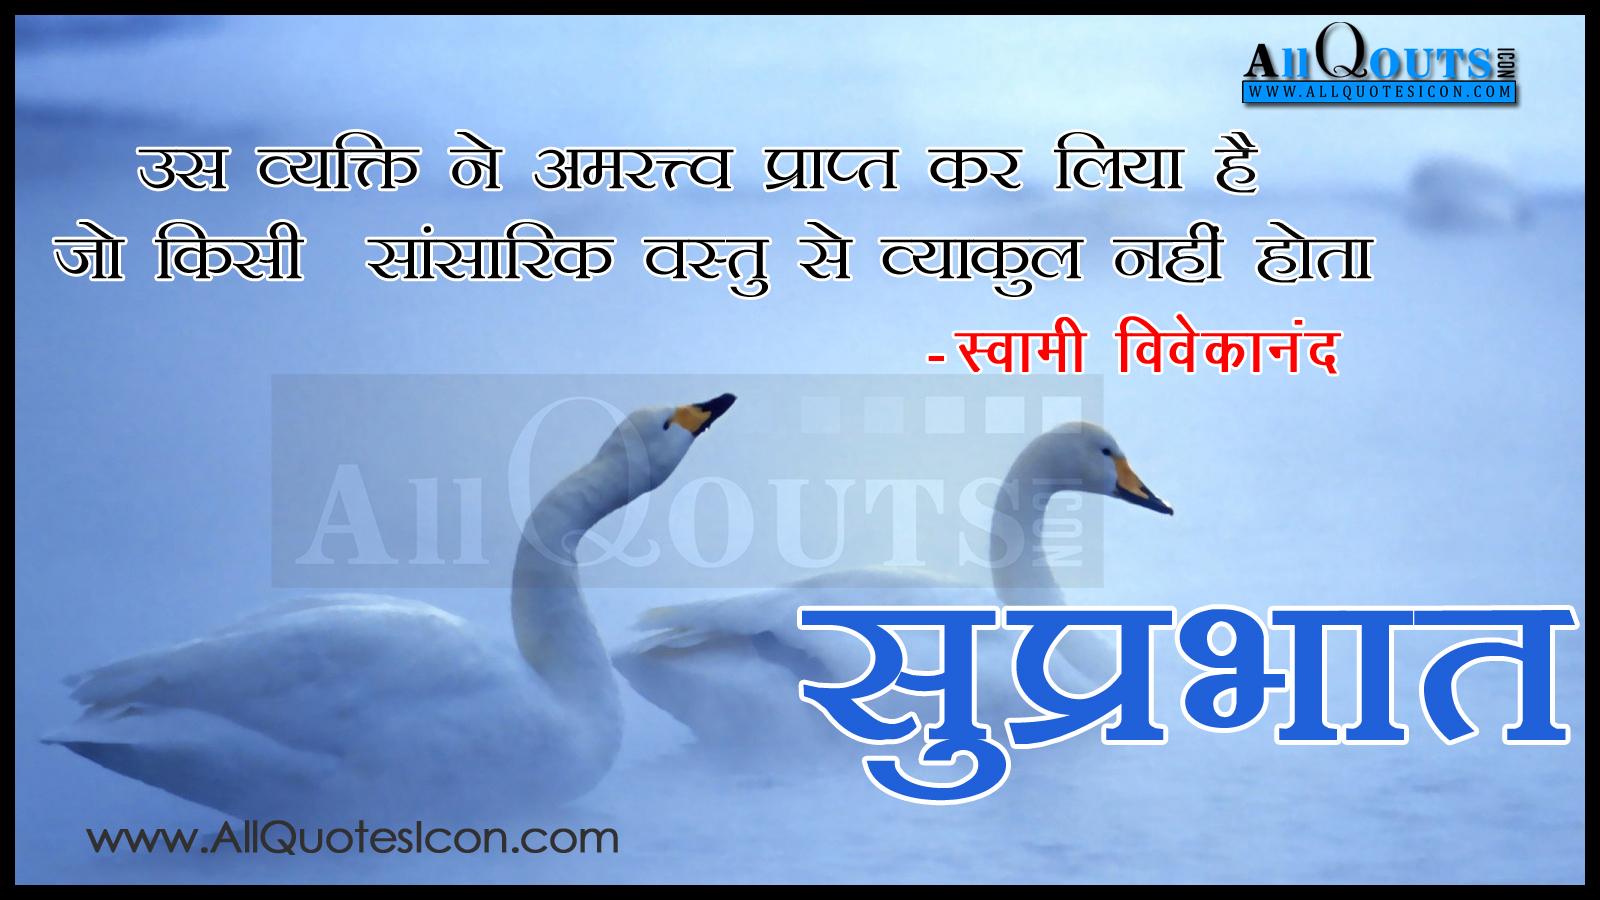 Good morning wishes in hindi pictures images uss vyakati ne amartyaw prapt kar liya wg16769 kristyandbryce Choice Image